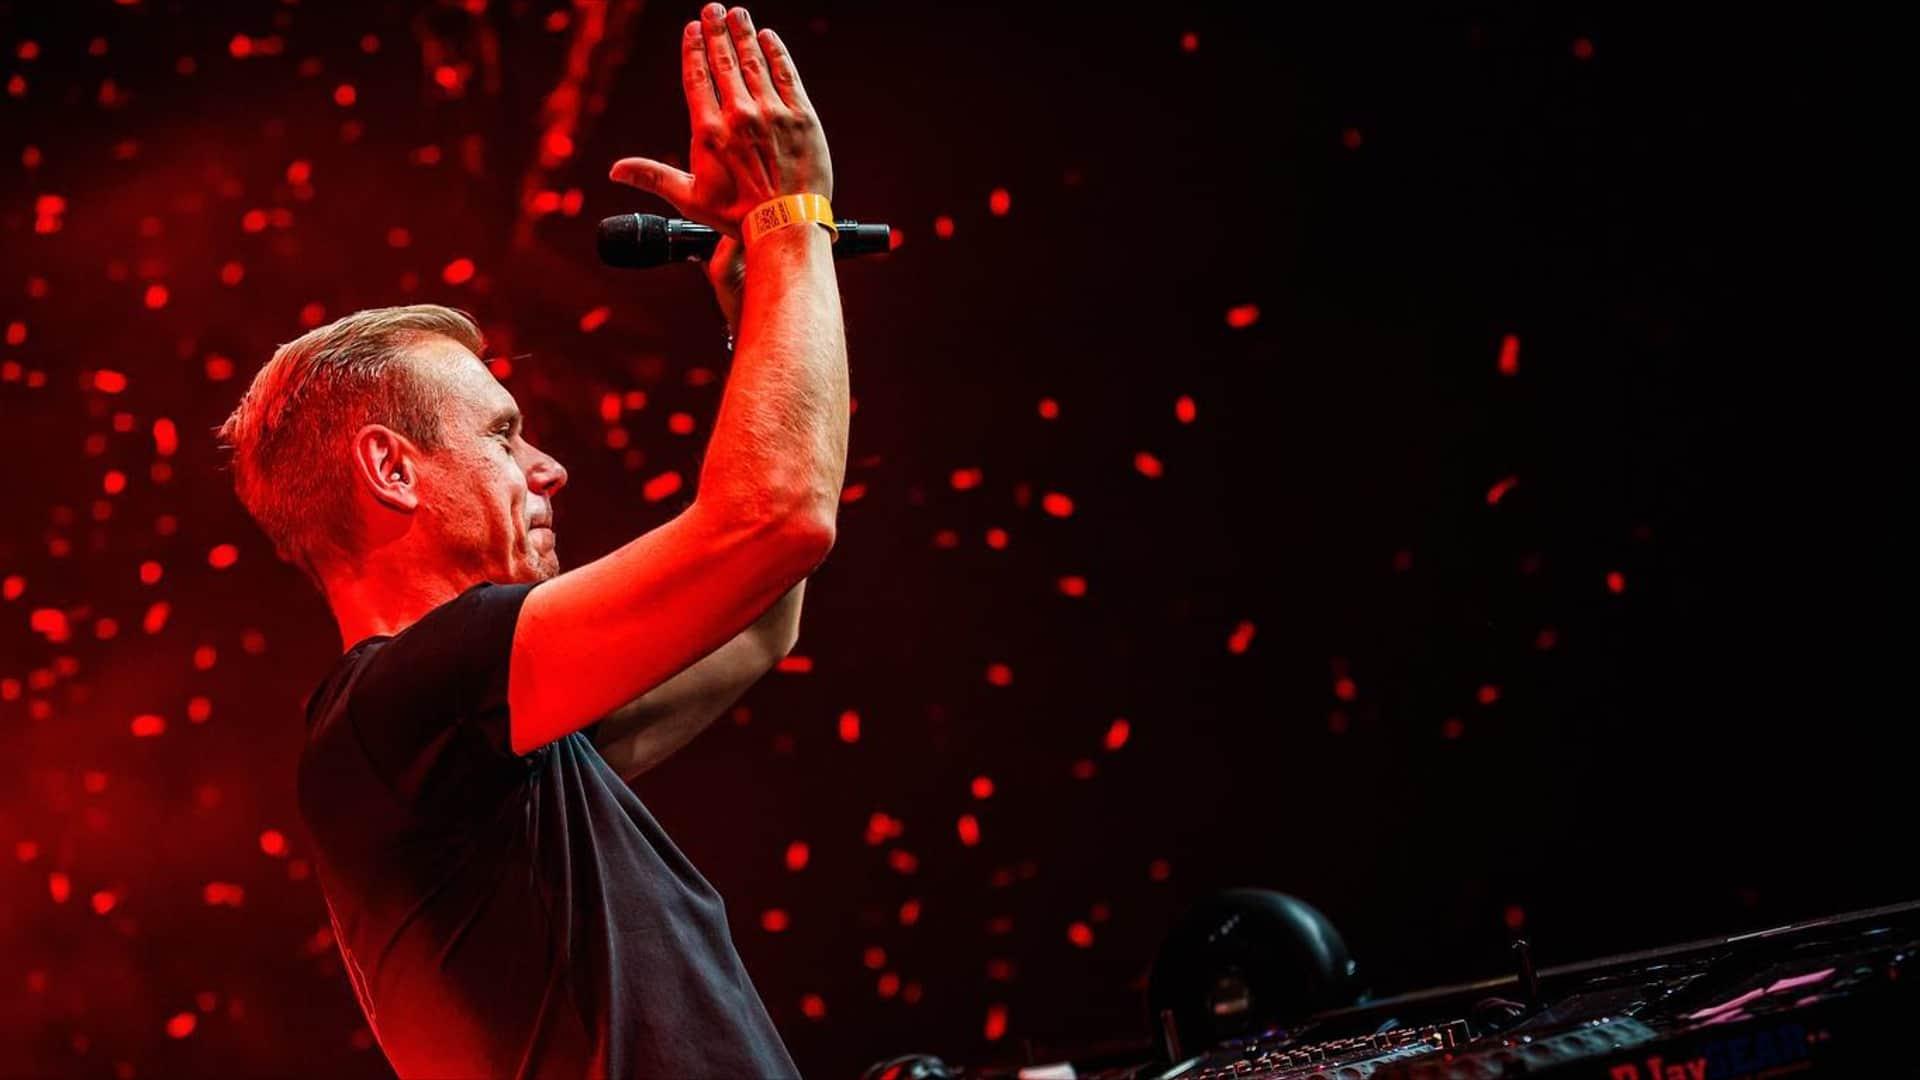 Armin van Buuren ASOT